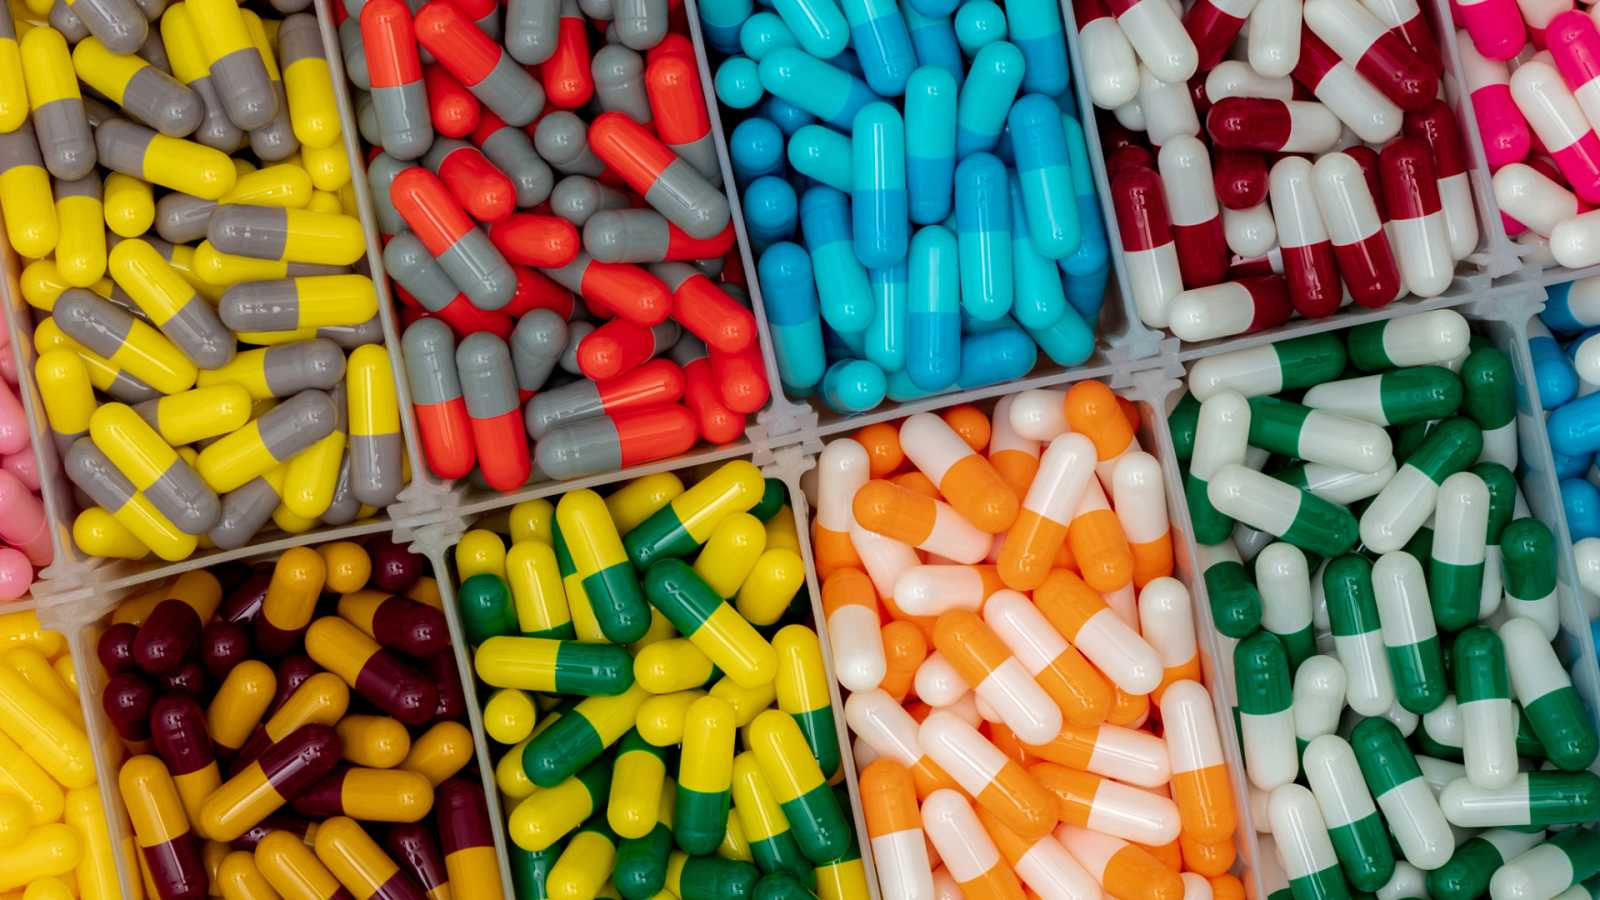 ¿Cuáles son las consecuencias del abuso de antibióticos?